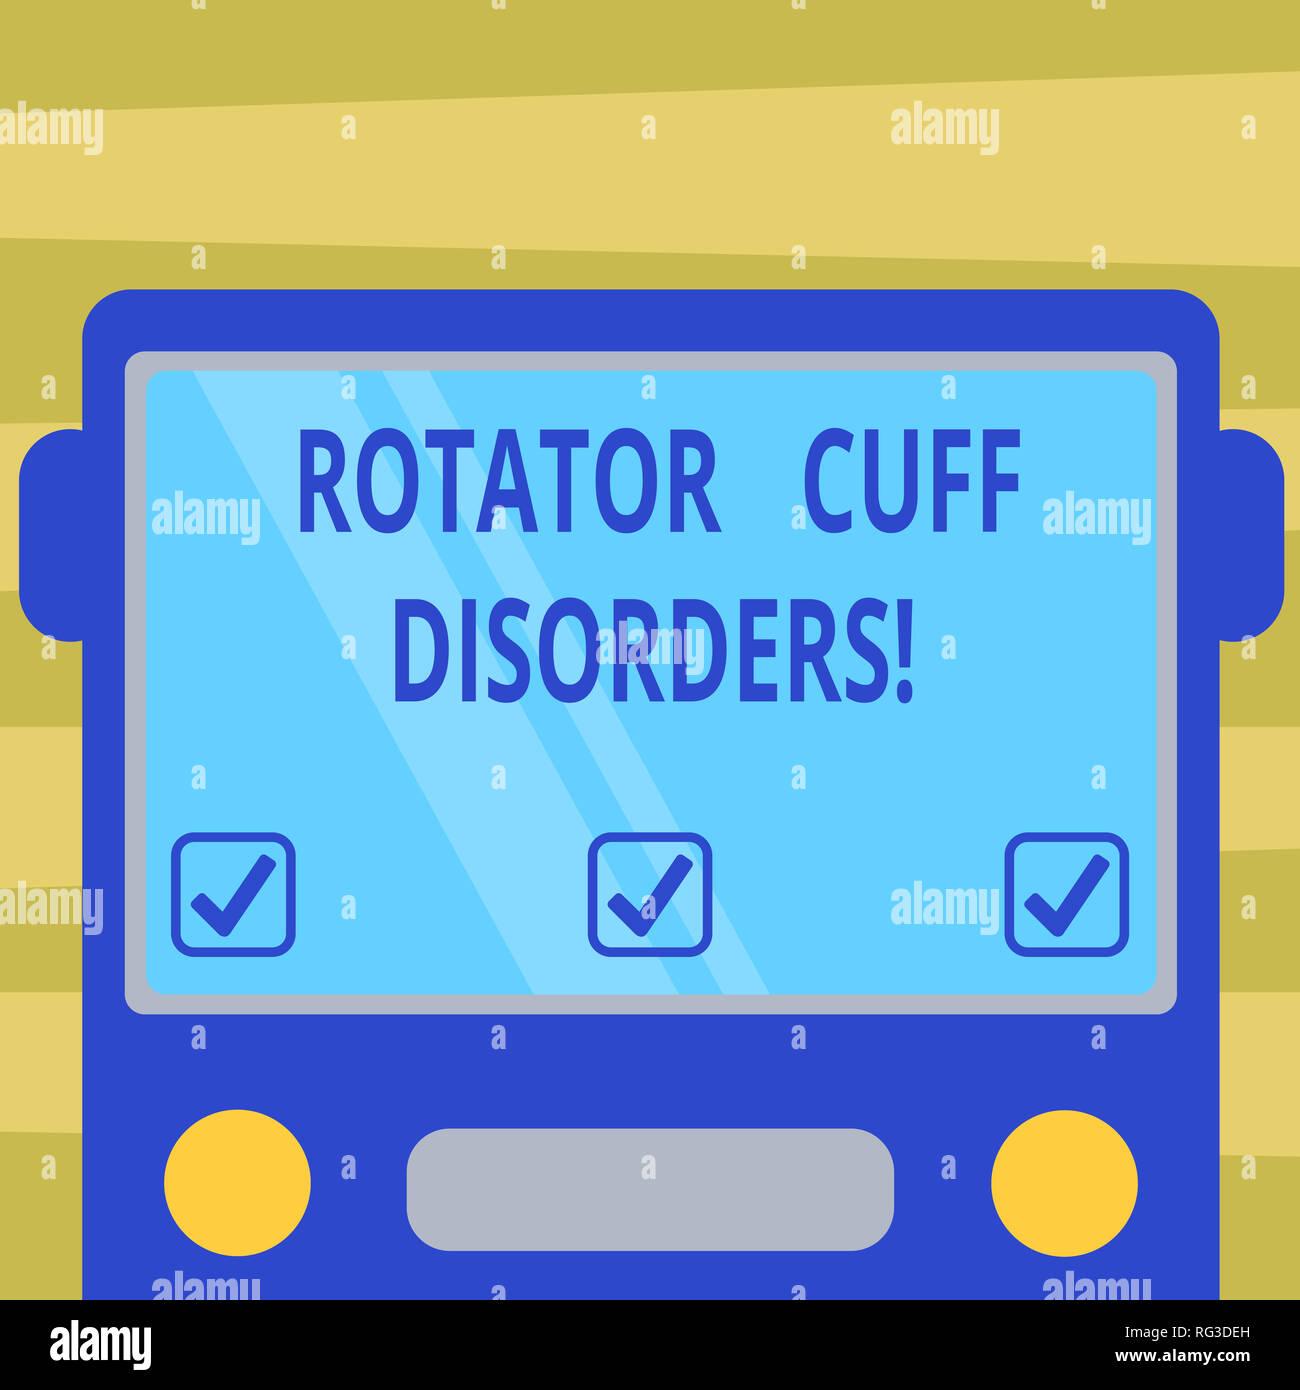 Segno di testo mostra della cuffia dei rotatori disturbi. Foto concettuale  dei tessuti in spalla b9158bddf39c